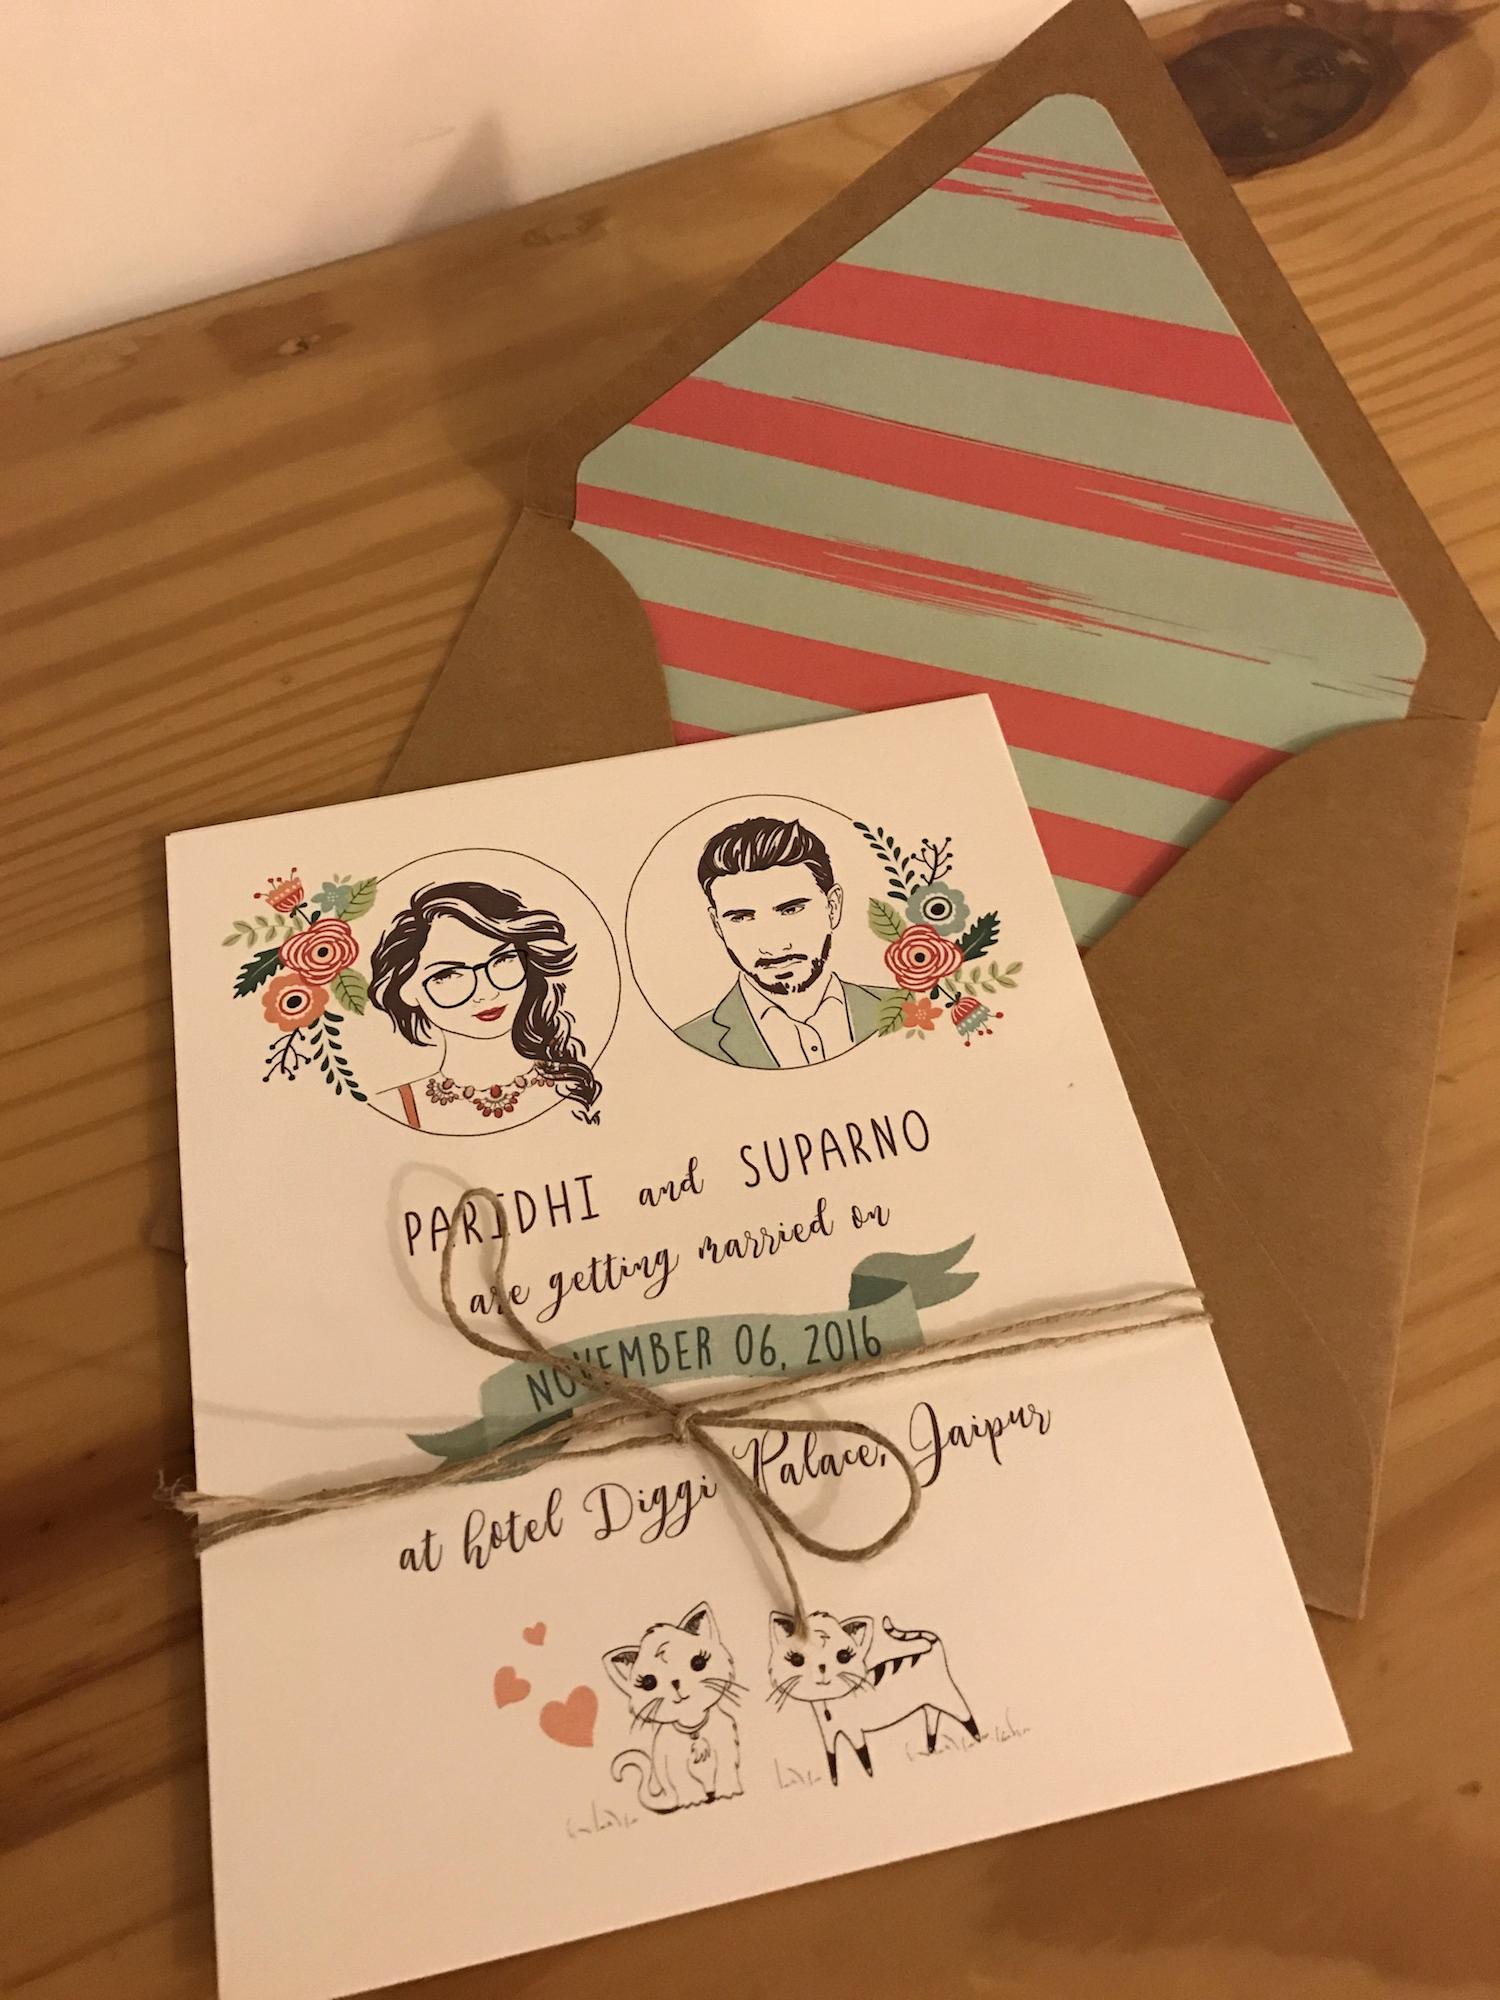 Wedding Invitation Design Ideas Luxury 20 Unique & Creative Wedding Invitation Ideas for Your